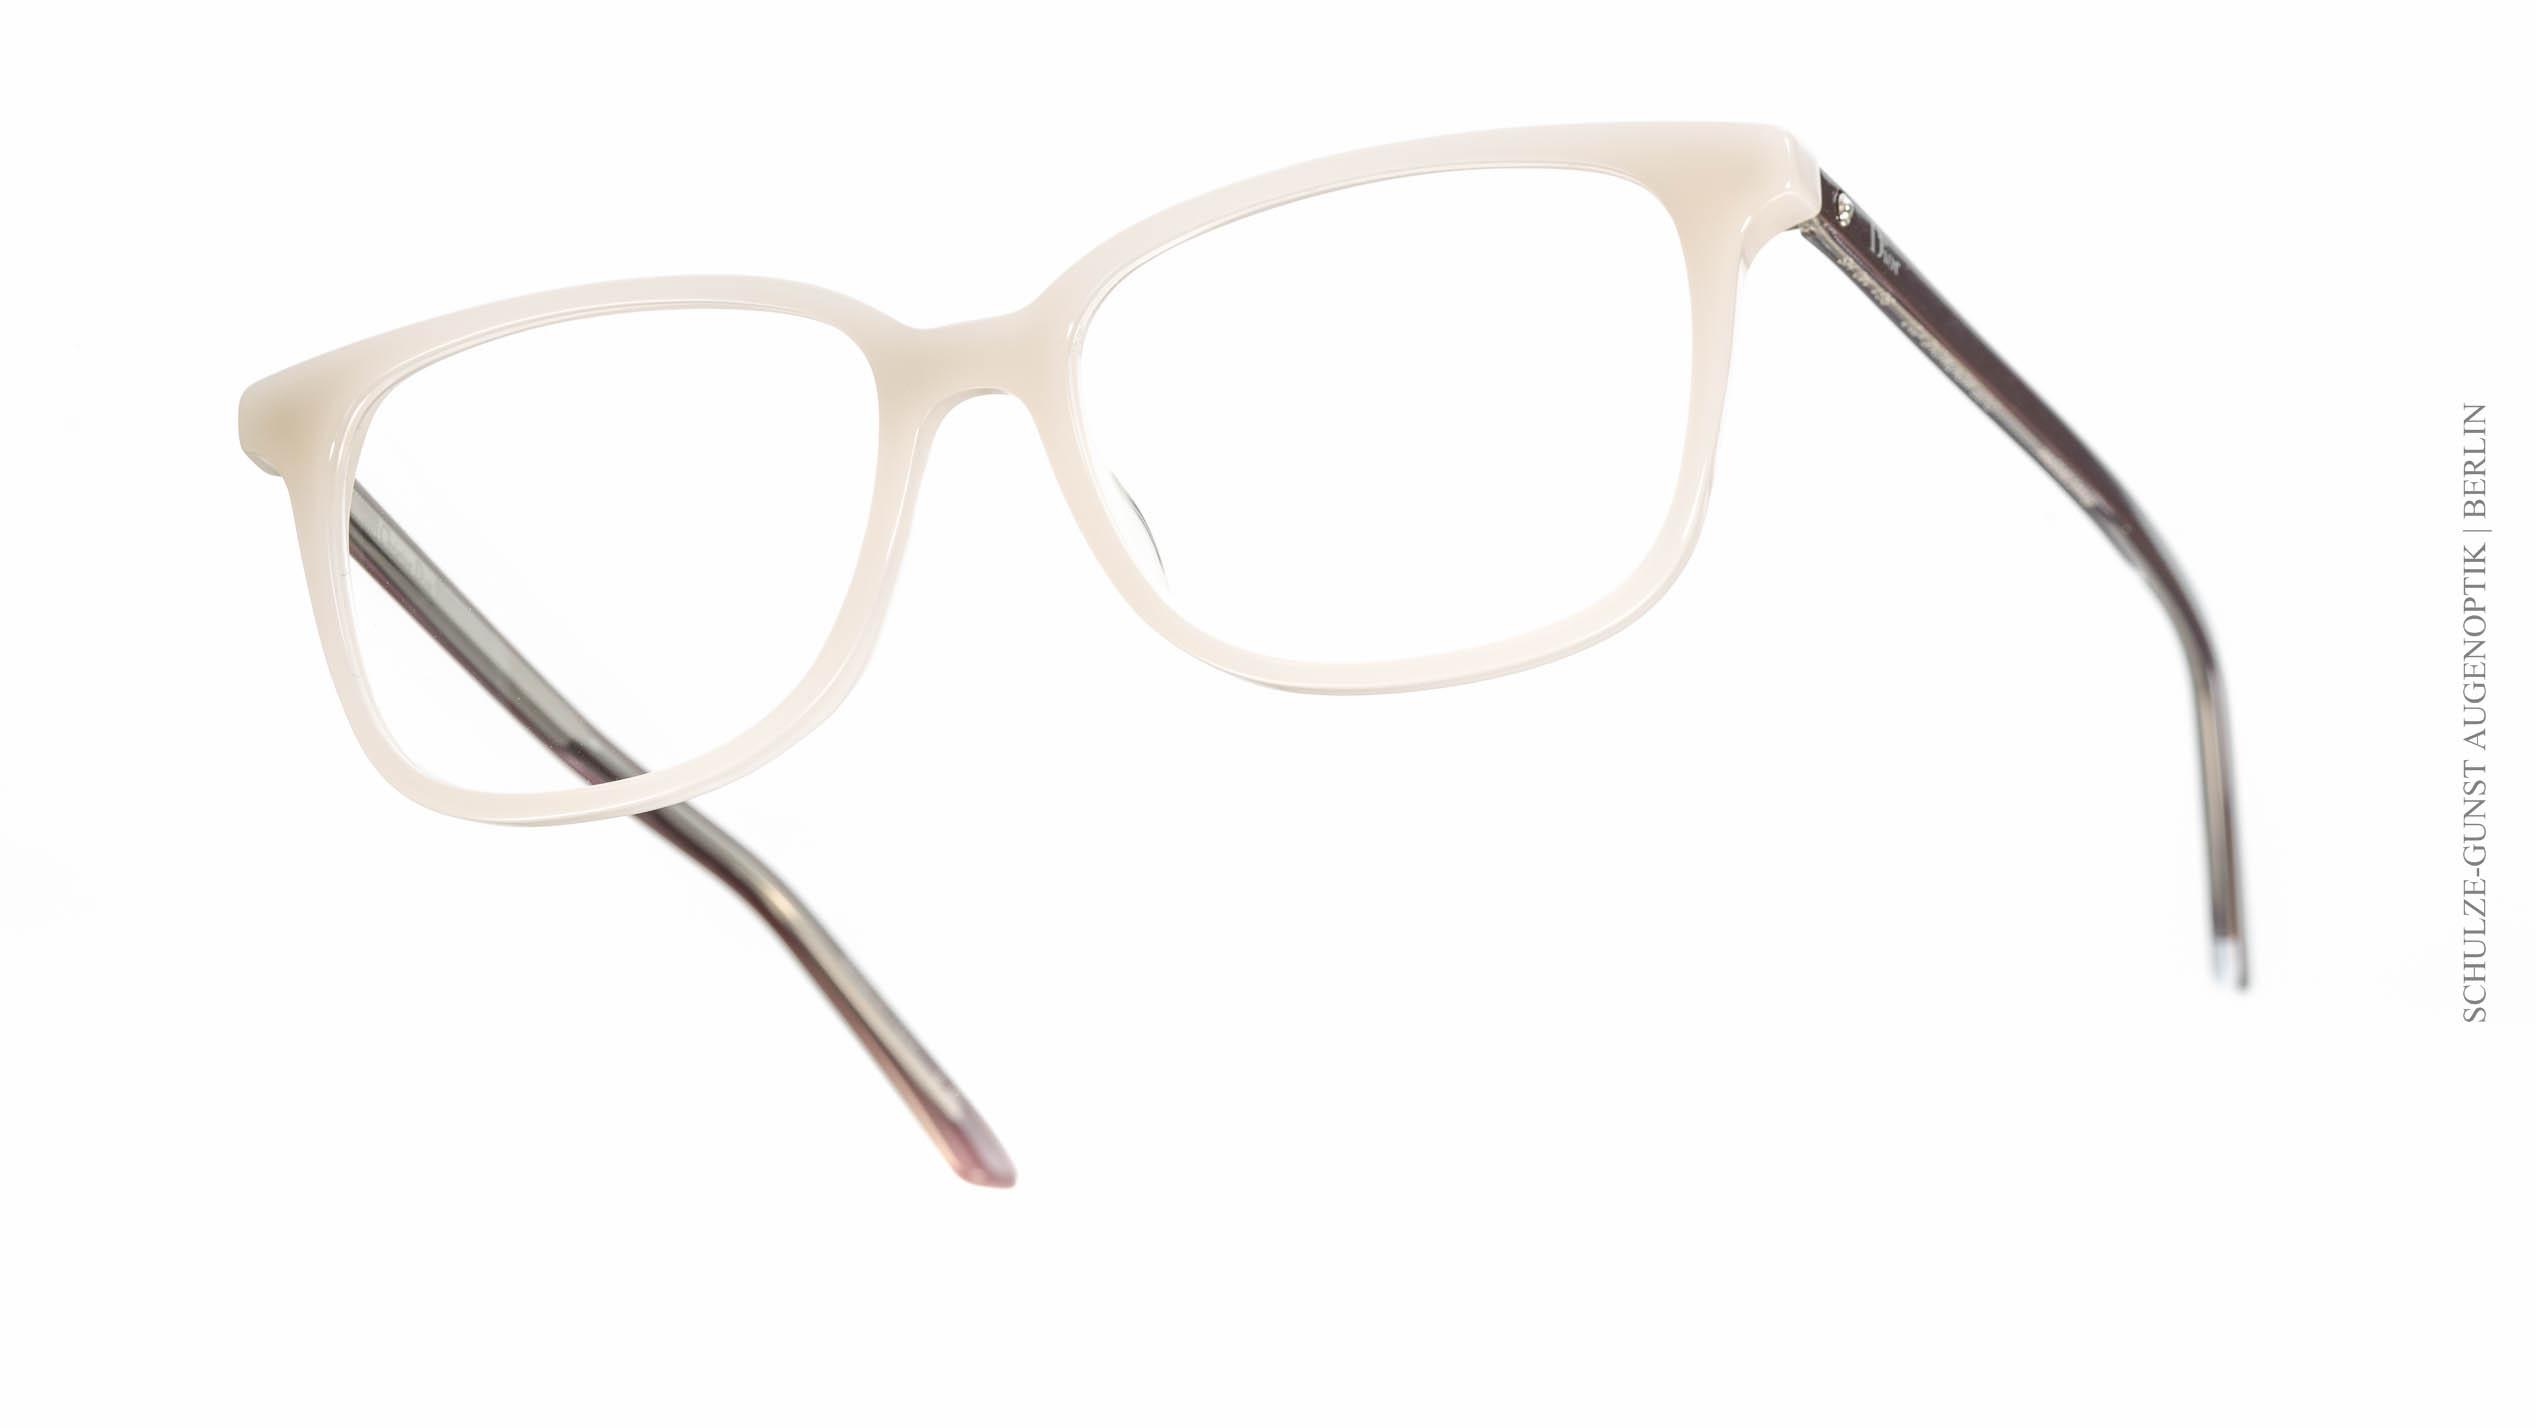 San Francisco Factory Outlets Rabatt-Verkauf dior-damenbrille Archive - Seite 2 von 2 - SCHULZE-GUNST ...